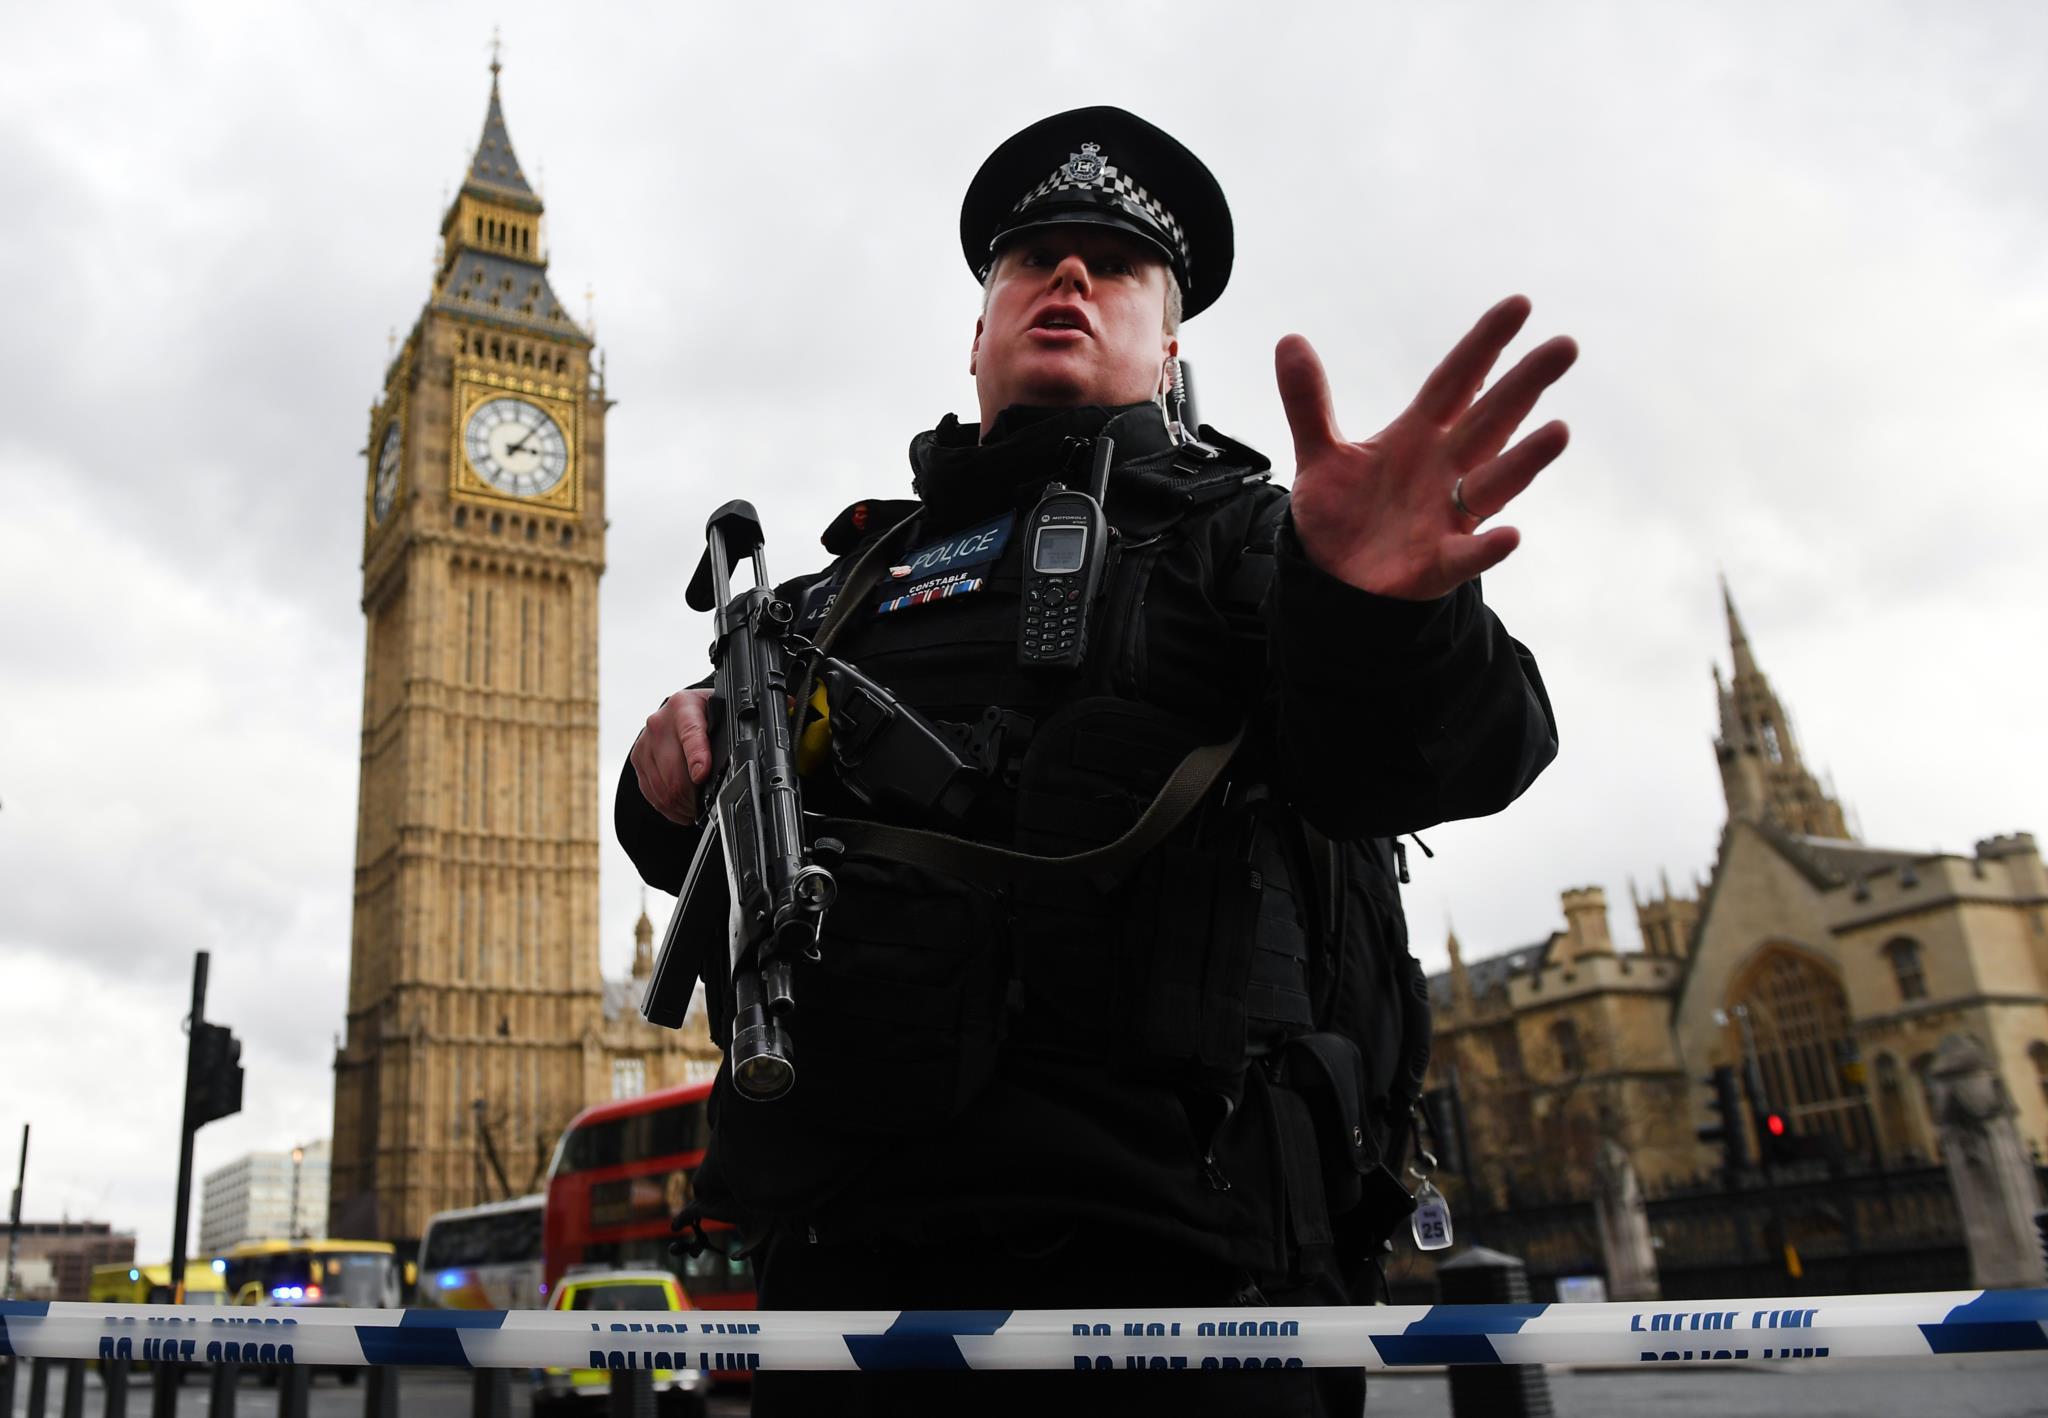 O caos junto ao Parlamento britânico em imagens